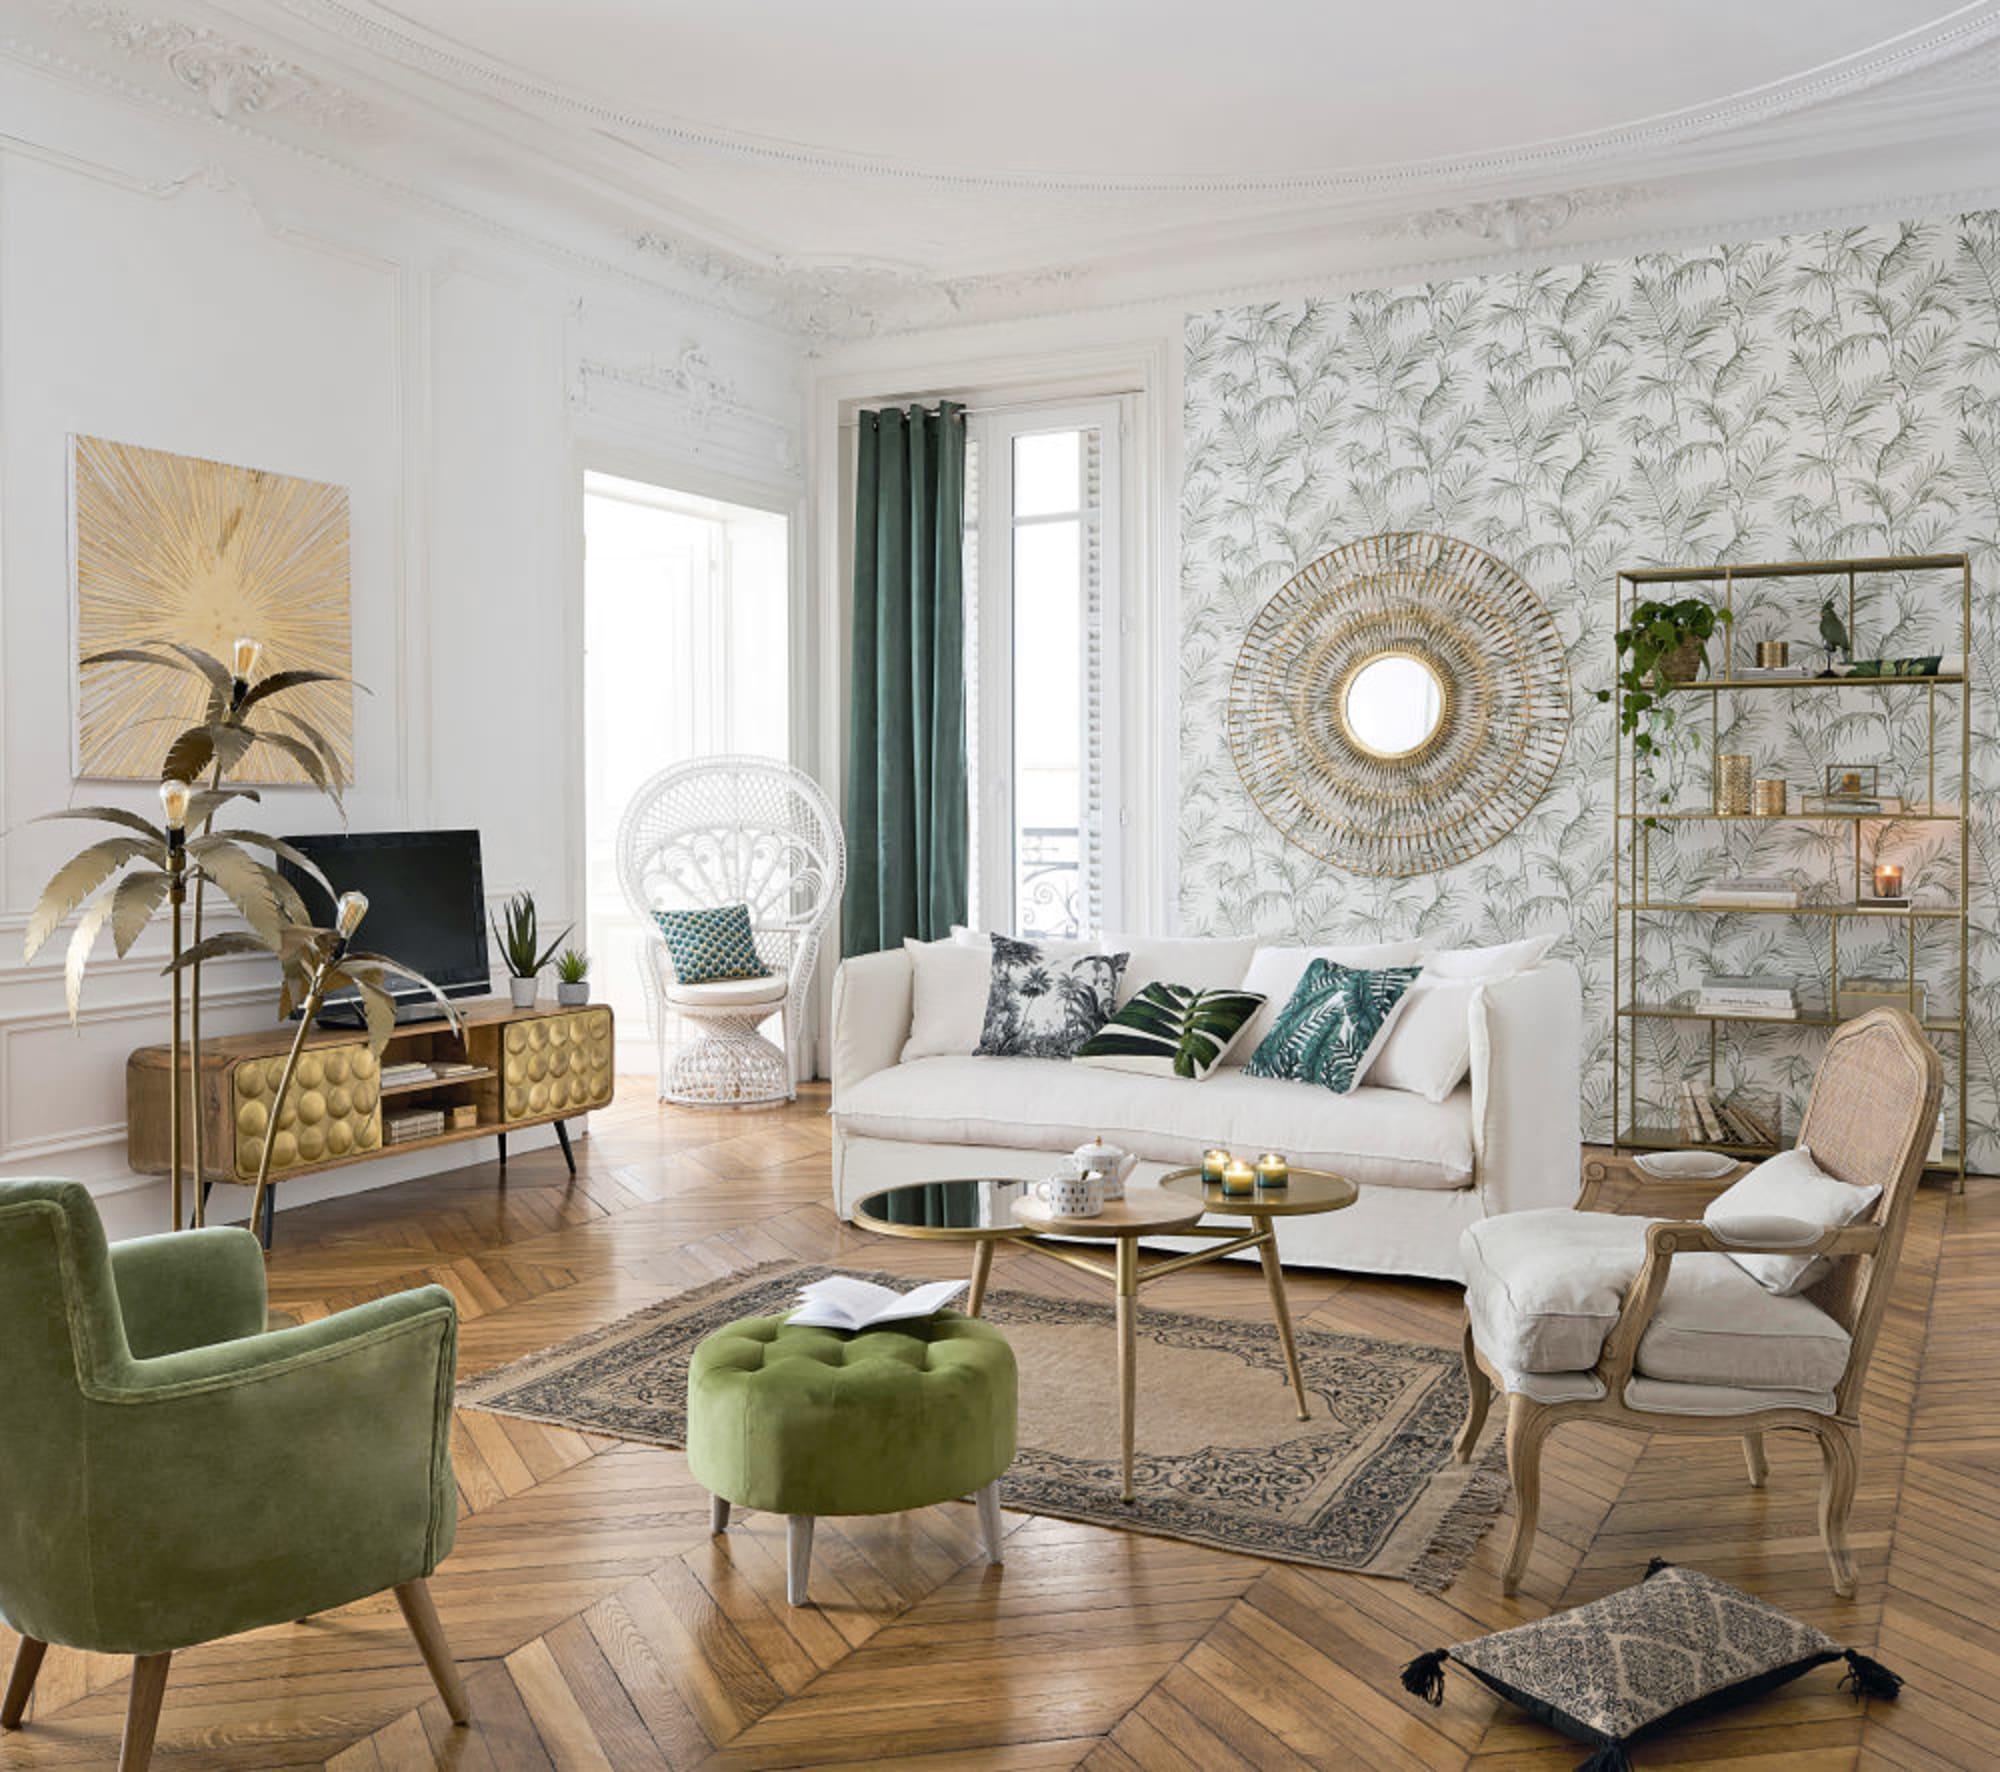 étagère métal doré salon vintage contemporain tapisserie murale fauteuil velours vert rotin blanc